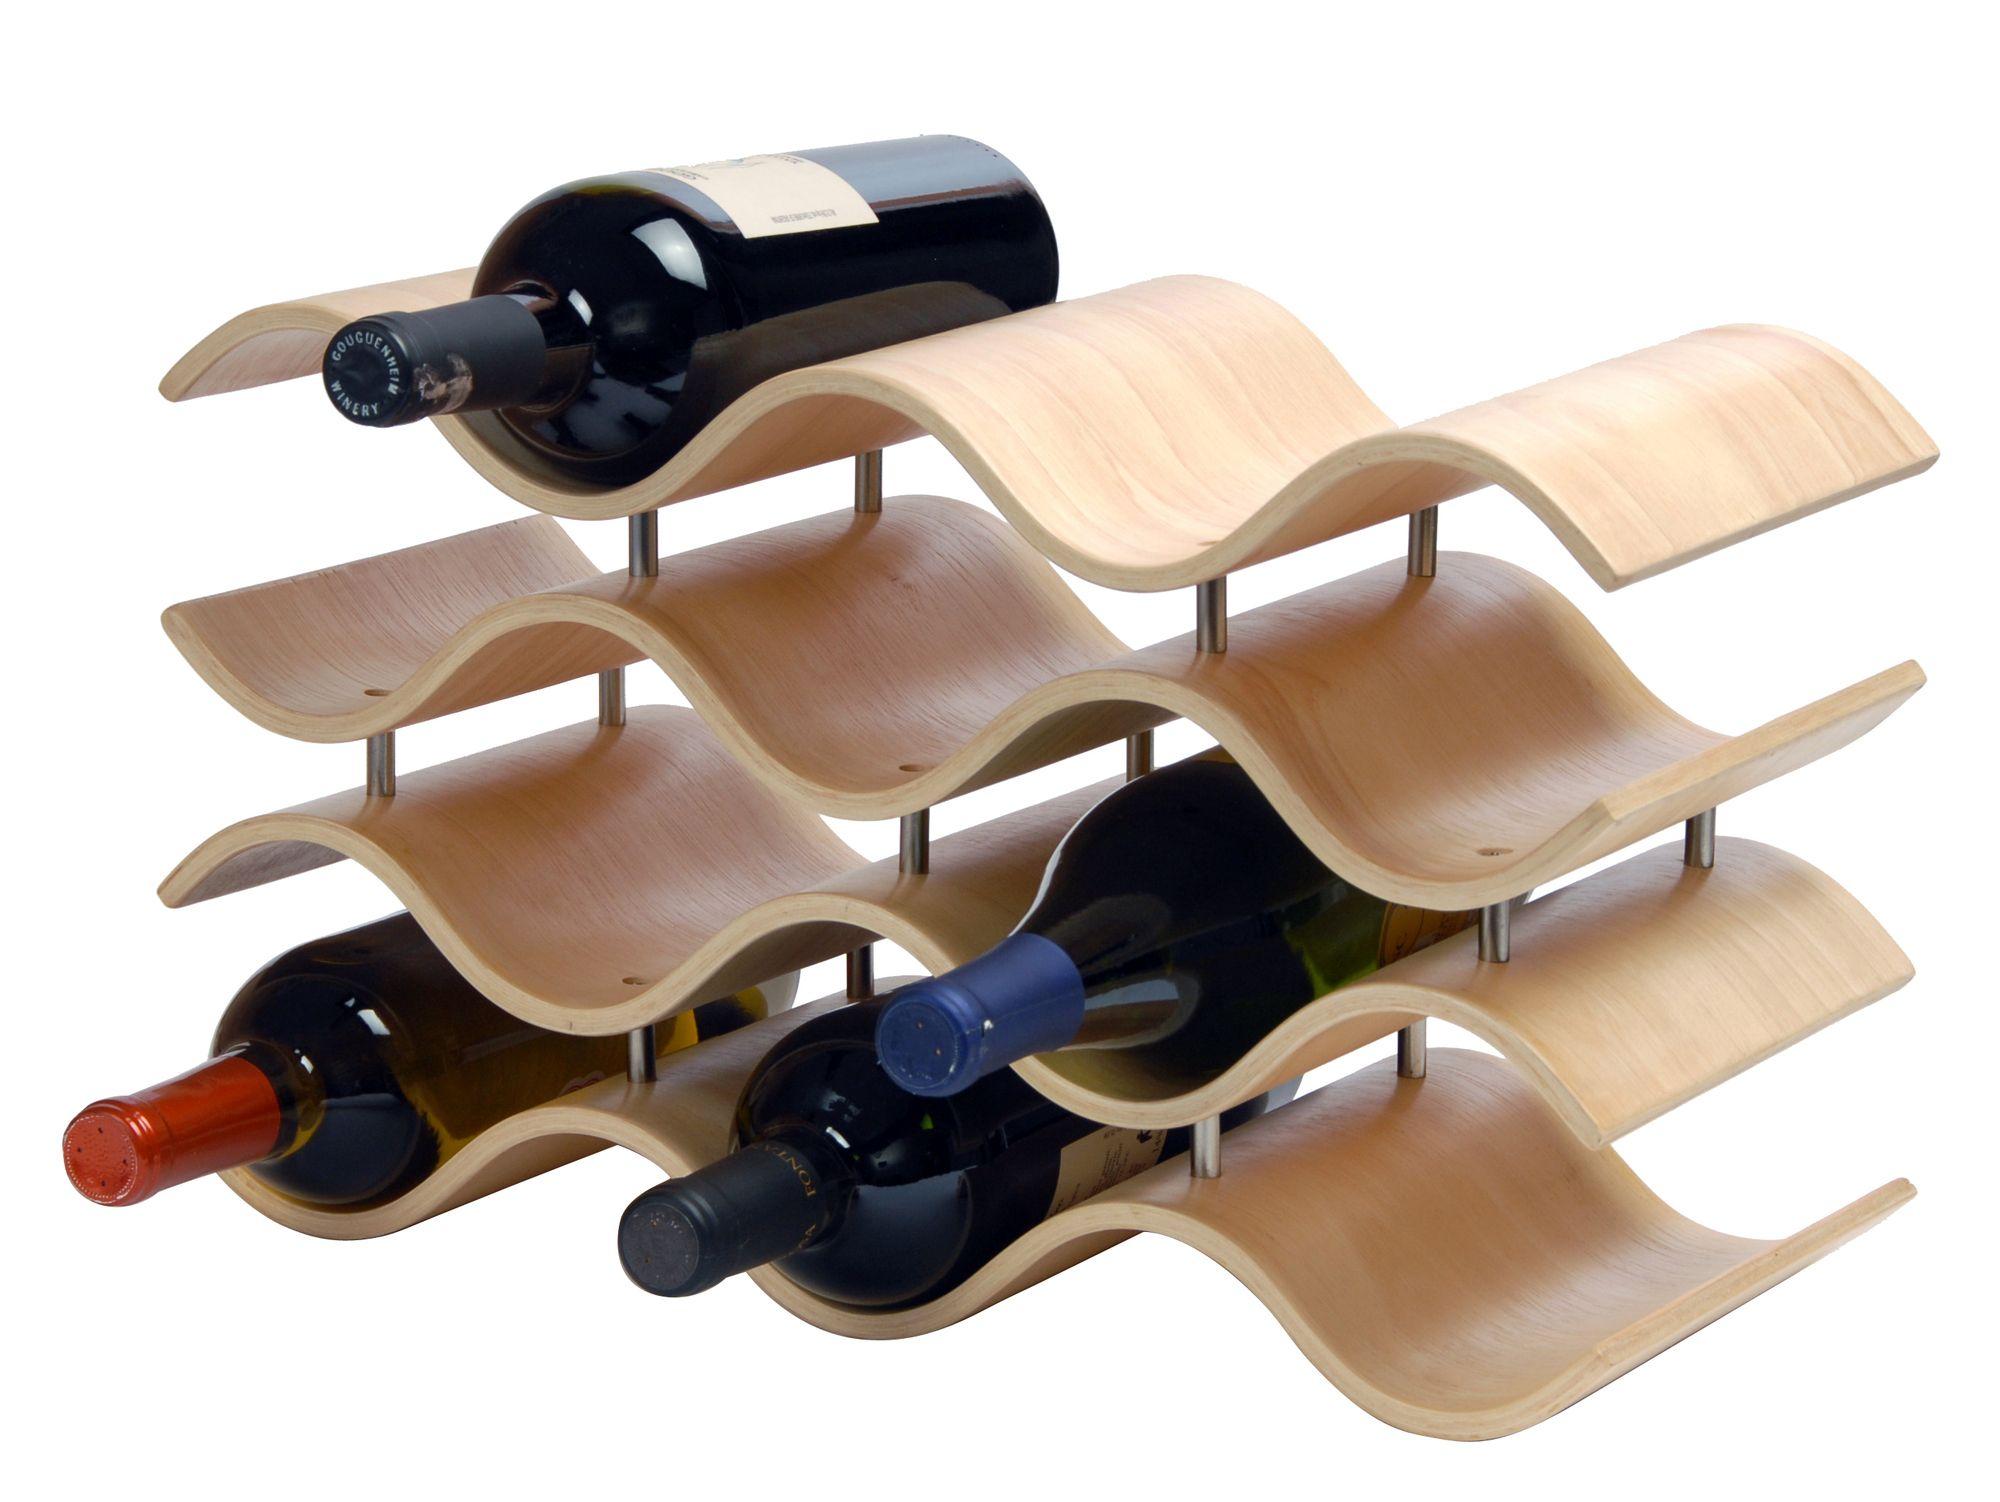 New Wine Rack Ideas In 2020 Diy Wine Rack Countertop Wine Rack Wine Rack Plans